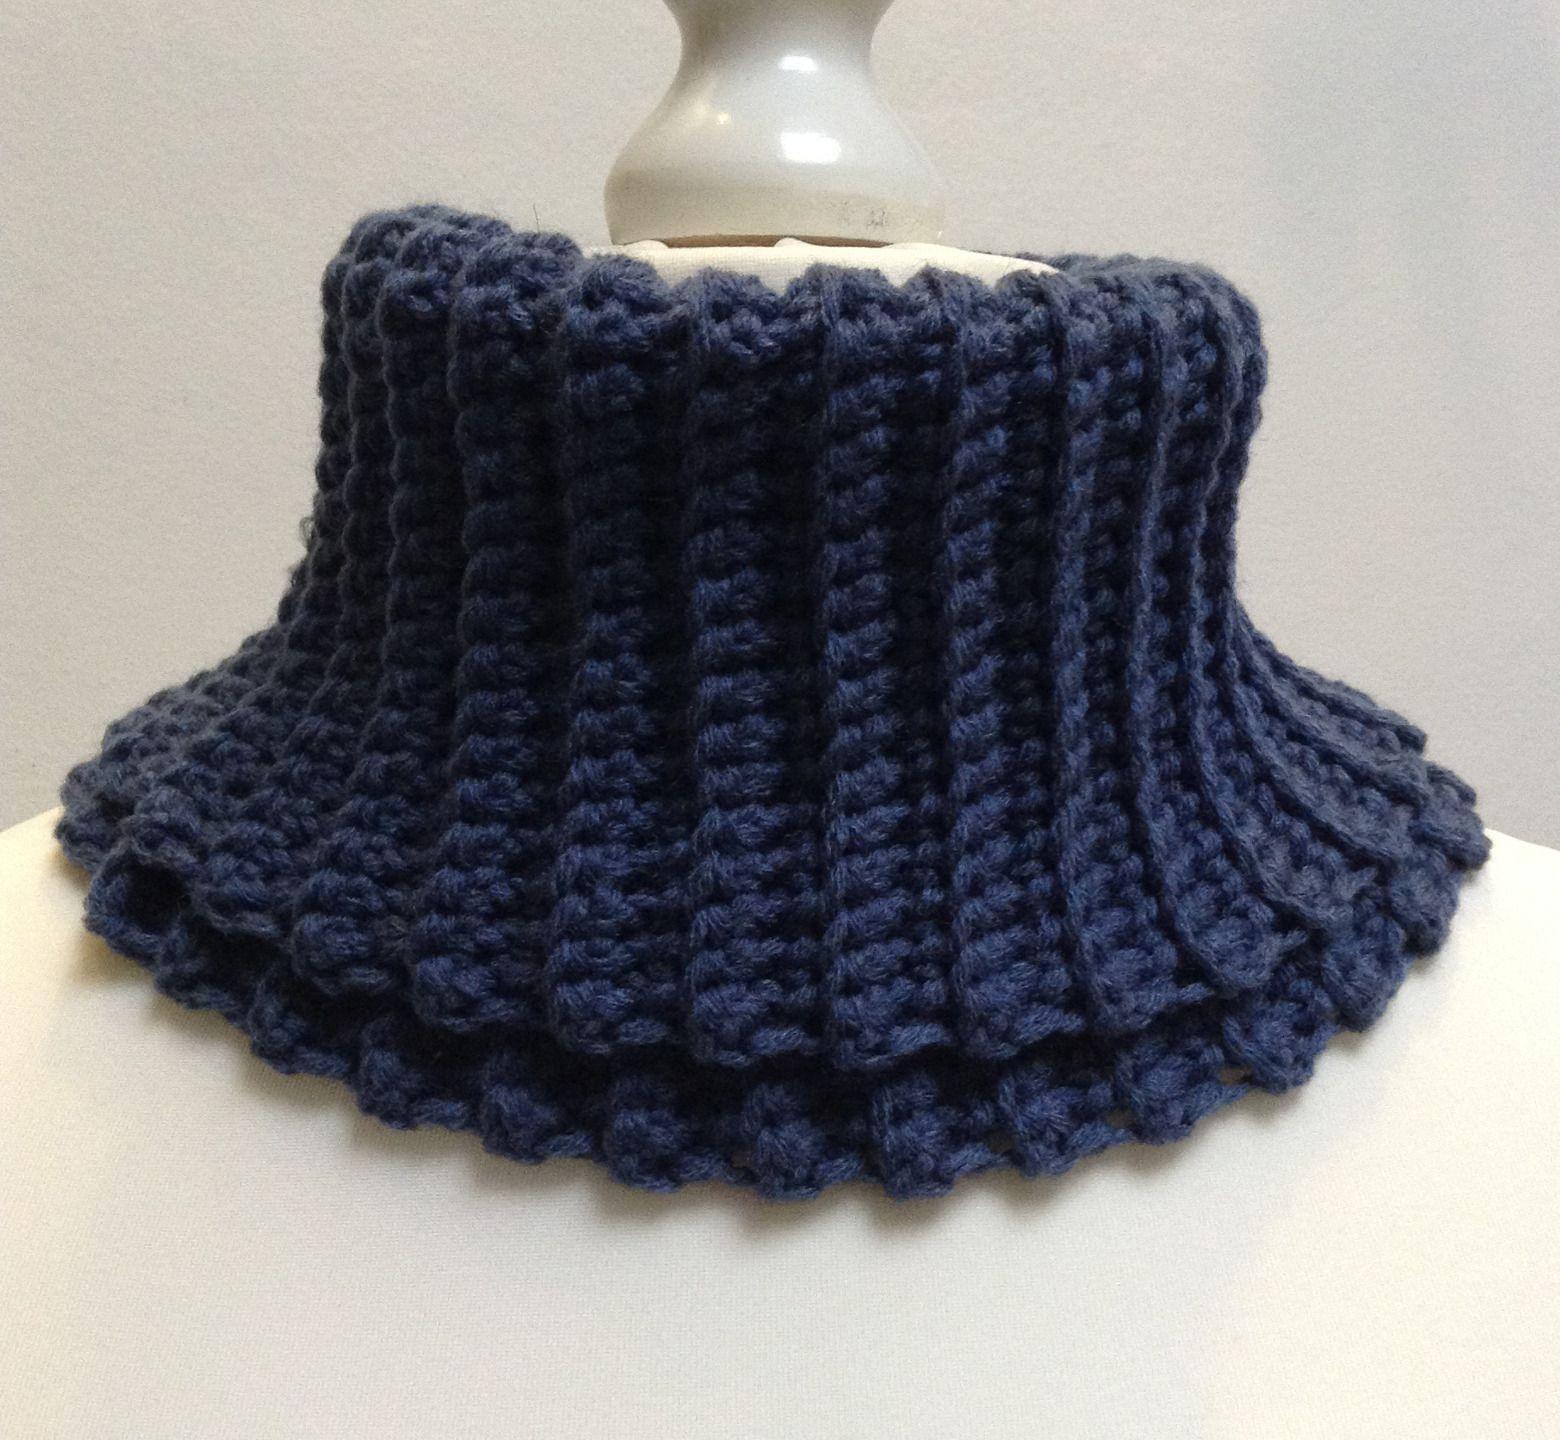 Col roulé au crochet, bleu pétrole, en laine et acrylique, unisexe   Echarpe,  foulard, cravate par titlaine 53634e3bbc1